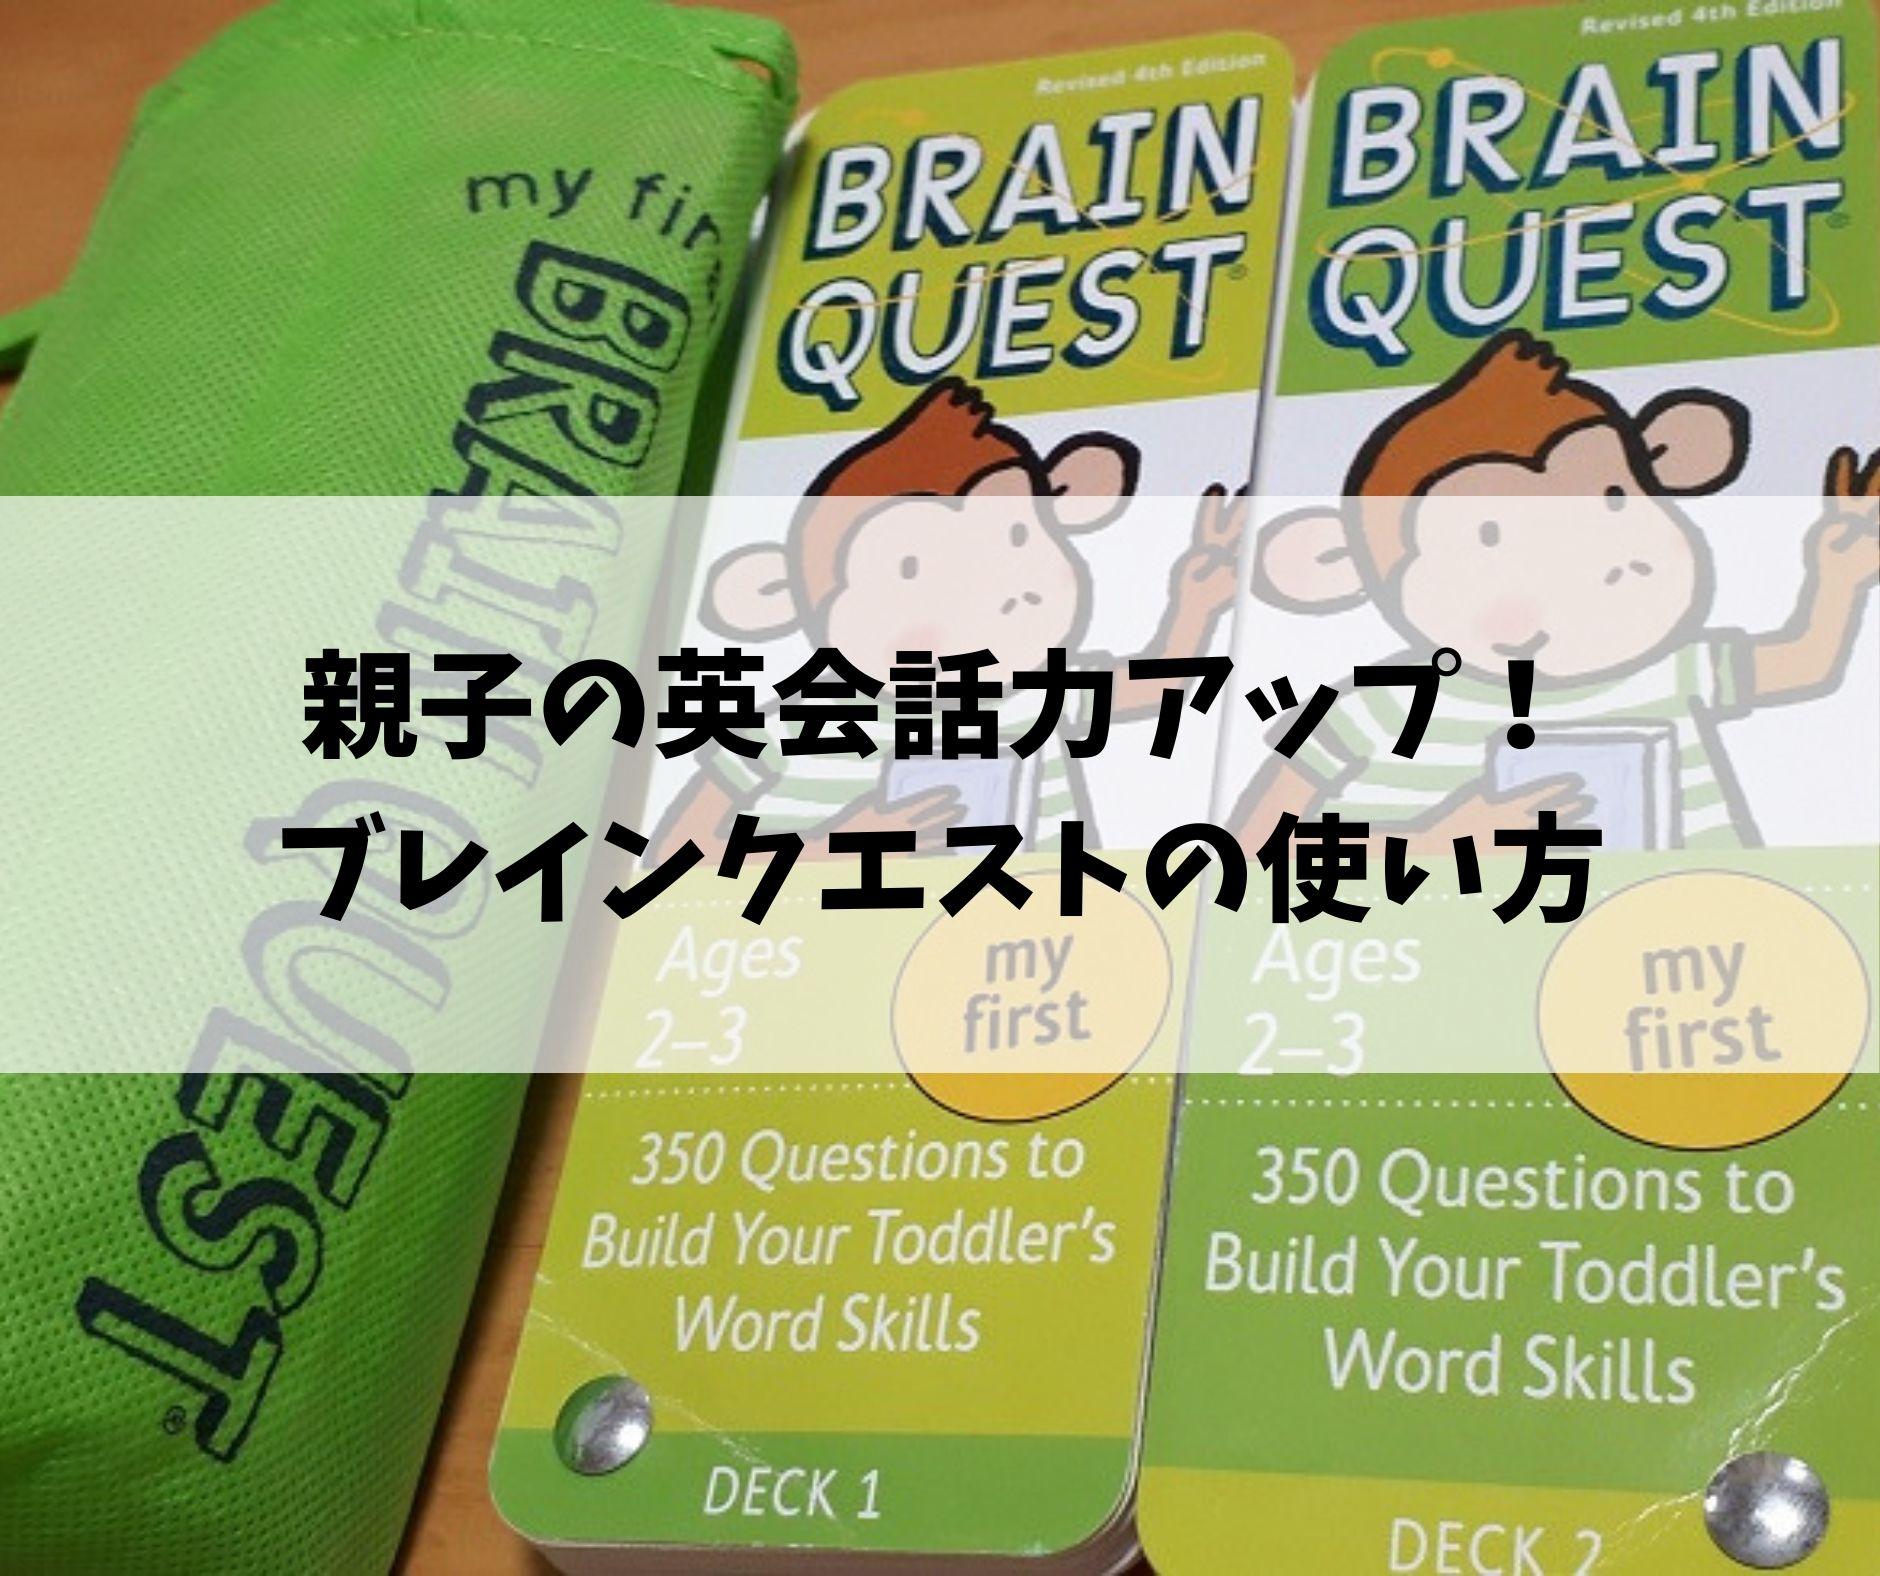 親子の英会話力アップ!ブレインクエスト(BRAIN QUEST)の使い方をご紹介!